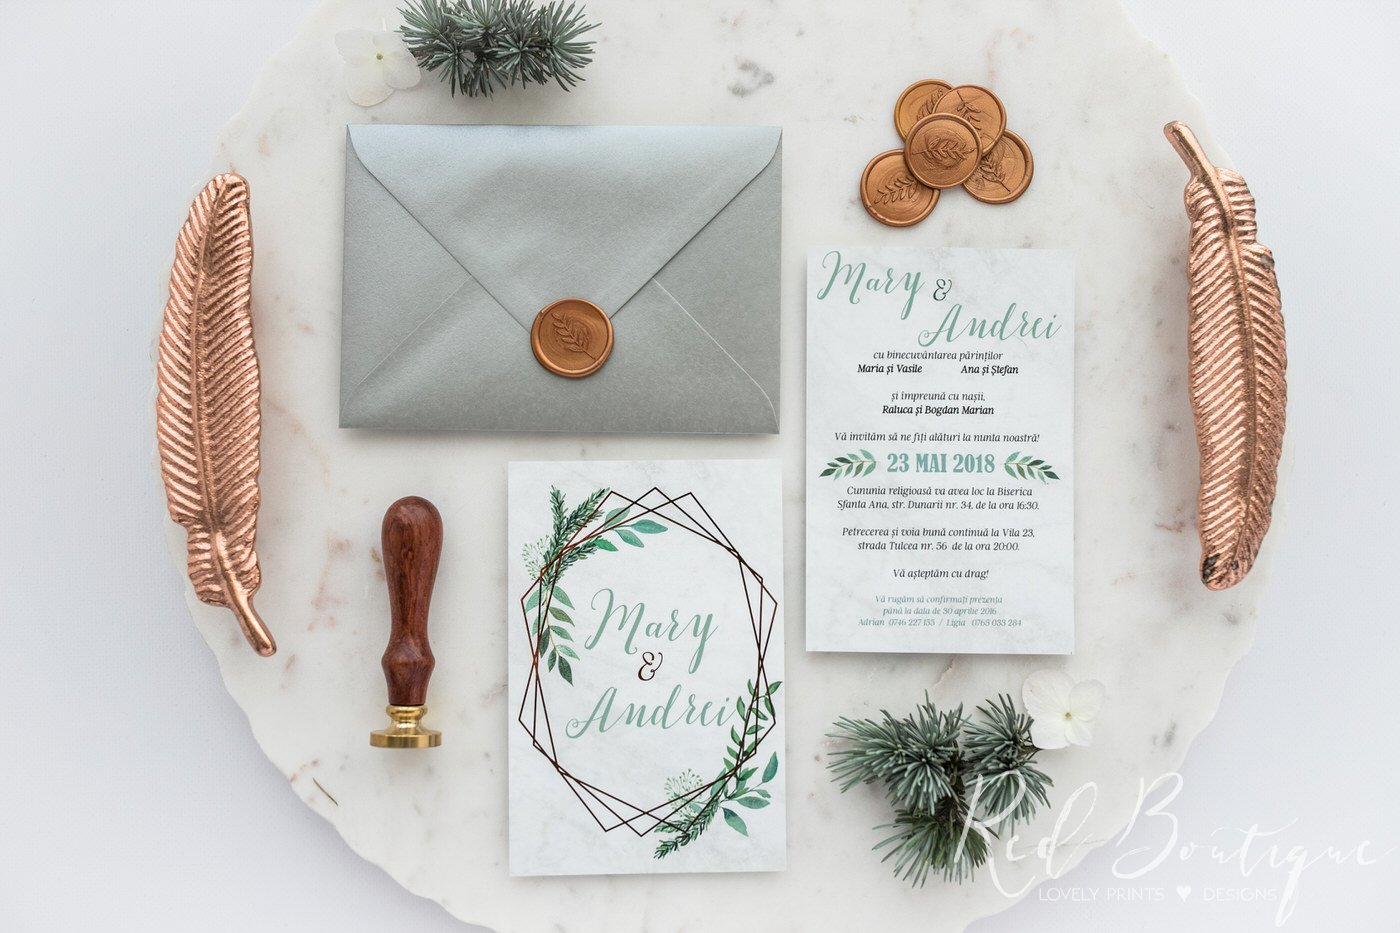 invitatie moderna cu verdeata si elemente geometrice cu print auriu si plic argintiu cu sigiliu auriu